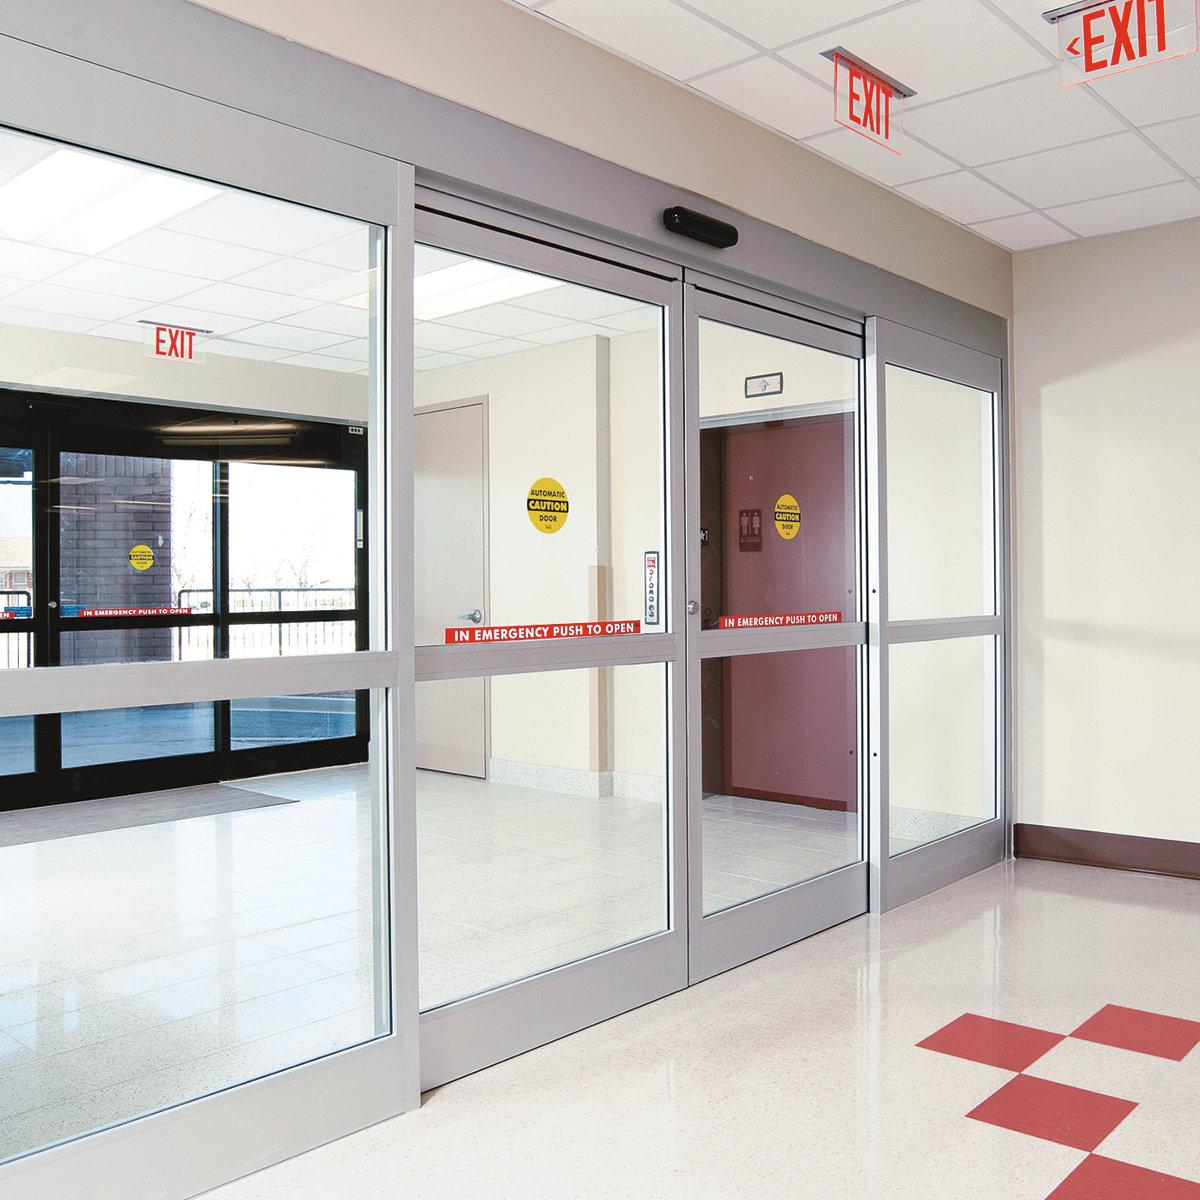 Sliding Door Automatic Sliding Door Emergency